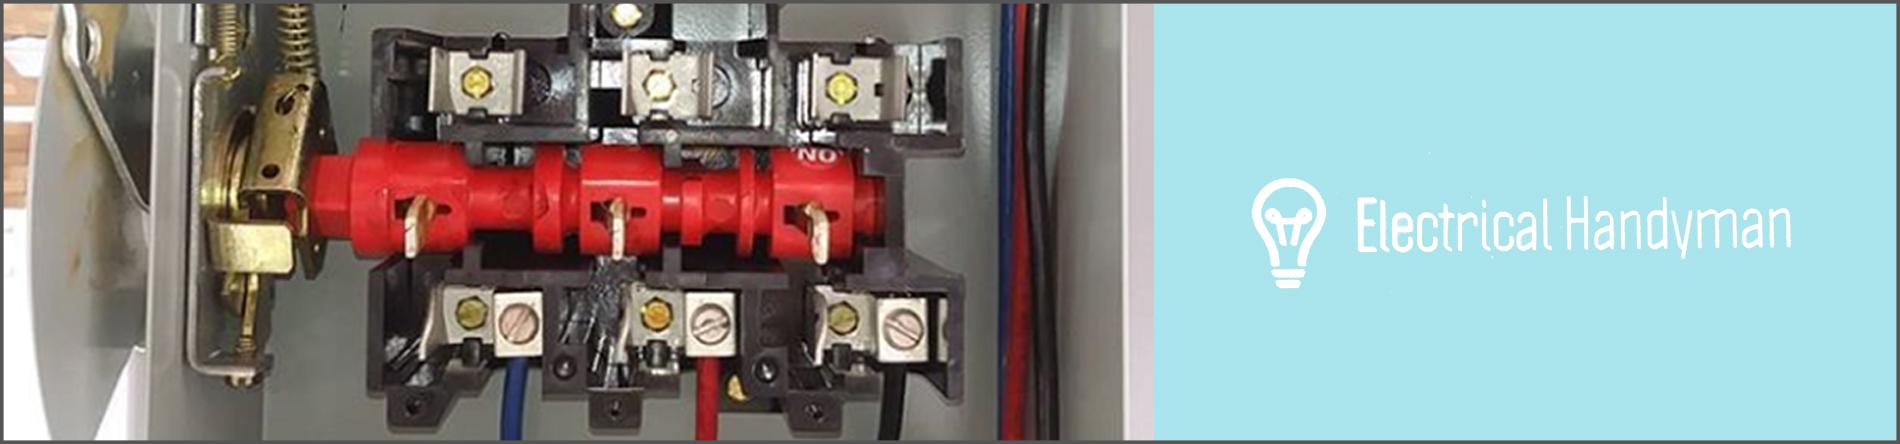 Electrical Handyman is a Handyman in Rialto, CA